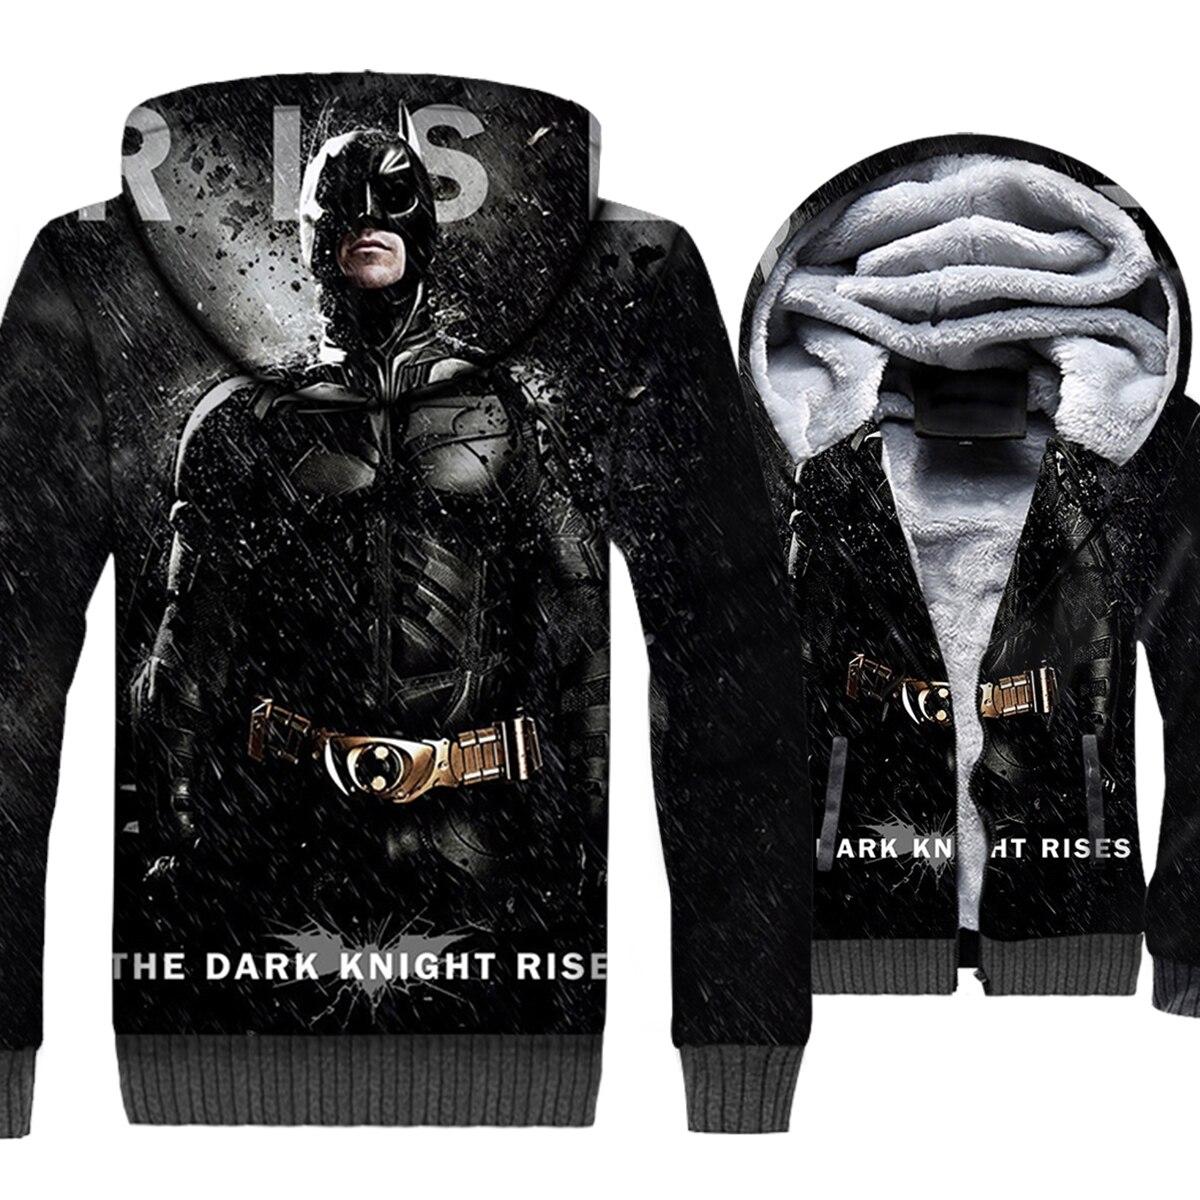 Batman & Chat Femmes Punk Style 3D Hoodies 2018 Hiver Le Dark Knight Rises Hommes Chaud Sweat Zipper Vestes Casual épais Manteaux